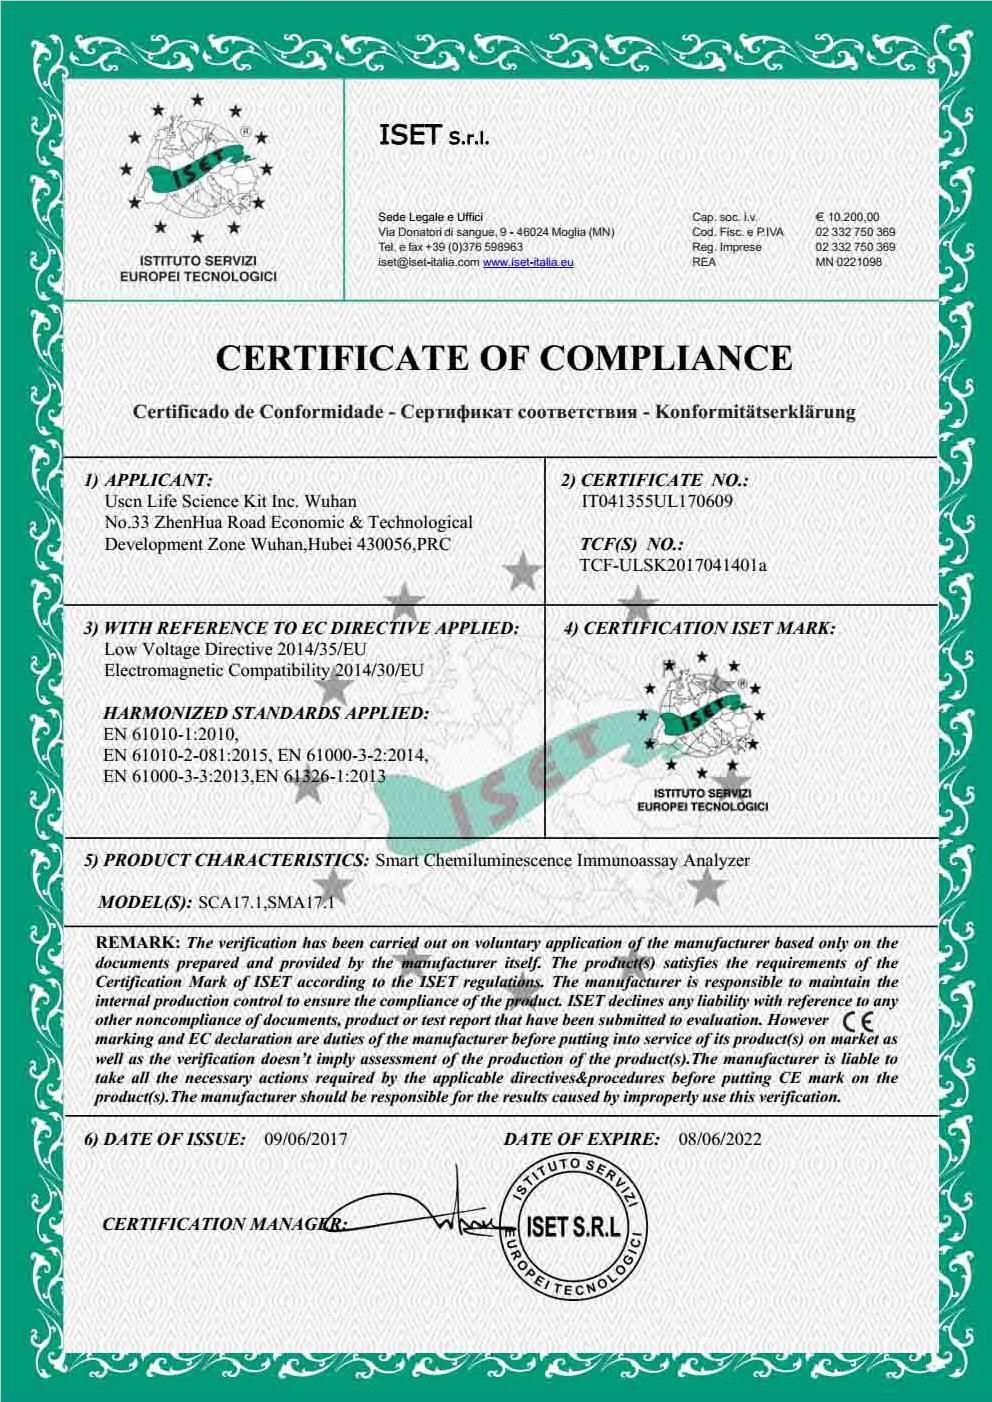 祝贺我公司SCA17.1、SMA17.1智能分析仪获得CE证书